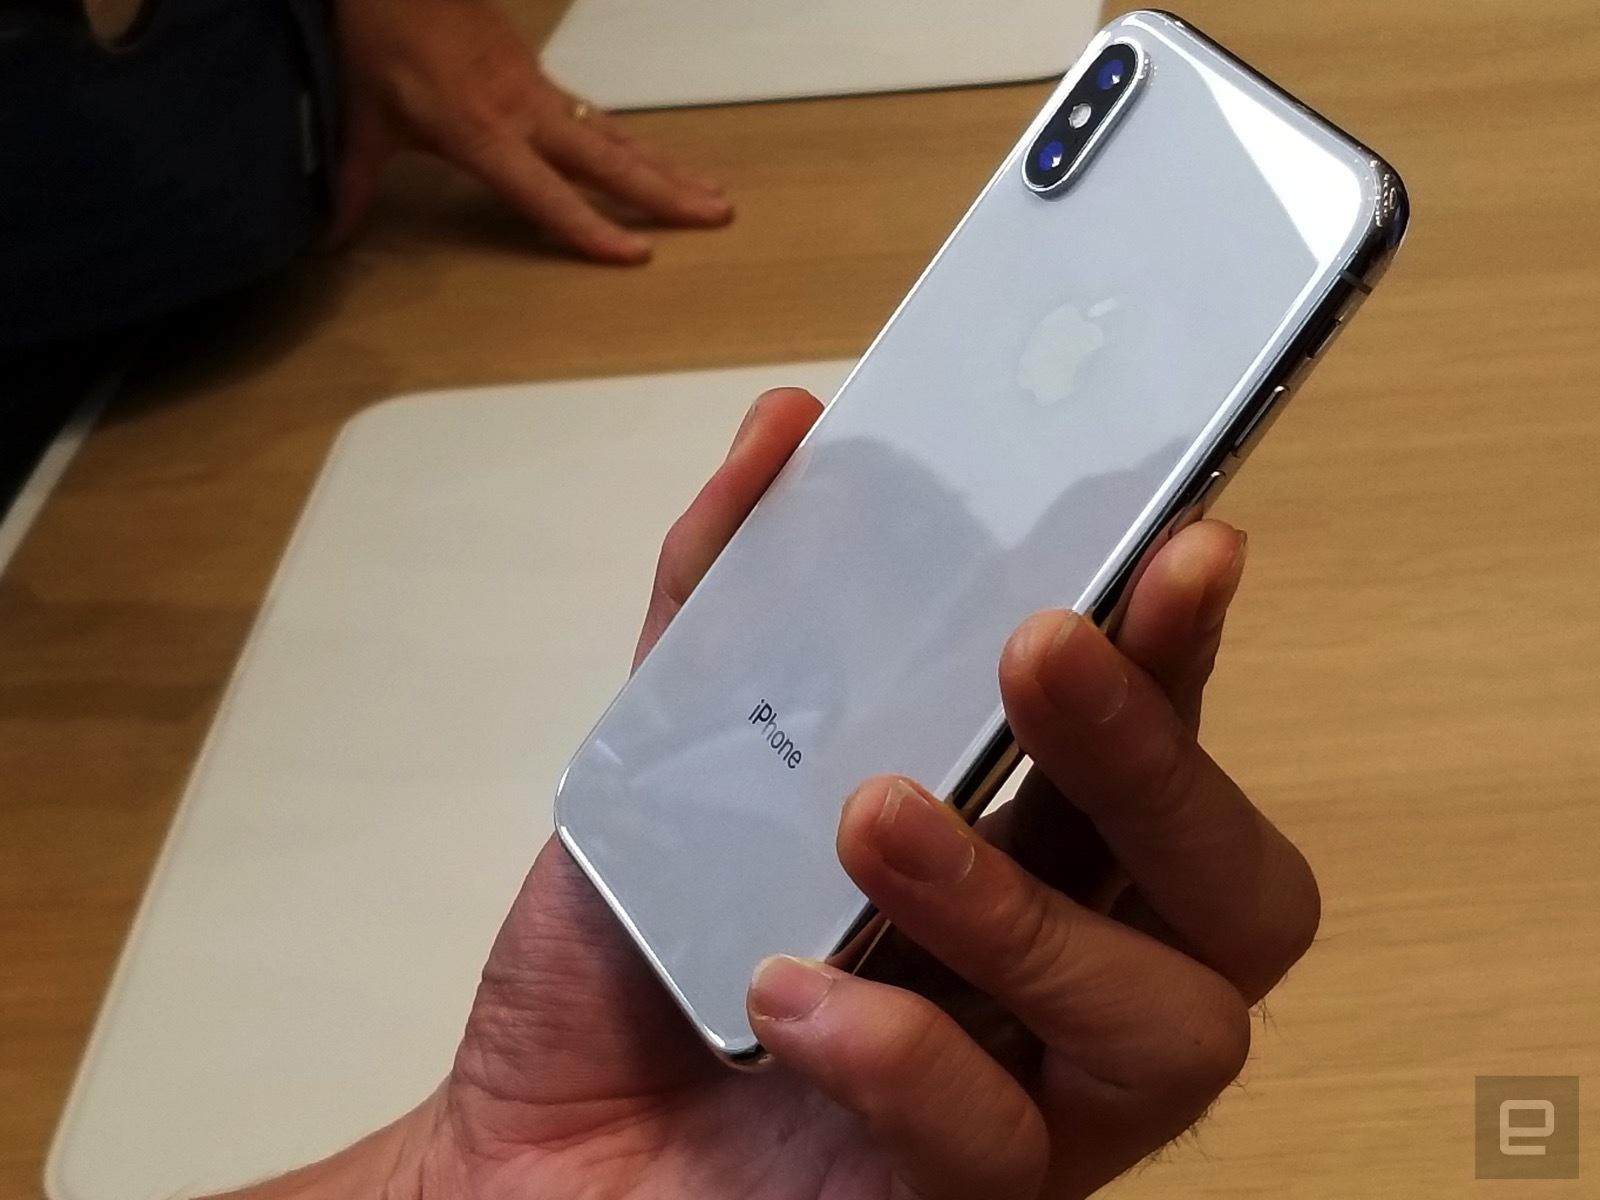 Apple cho biết màn hình của iPhone này hỗ trợ chuẩn HDR10 và Dolby, có độ tương phản rất cao, tới 1:1.000.000.